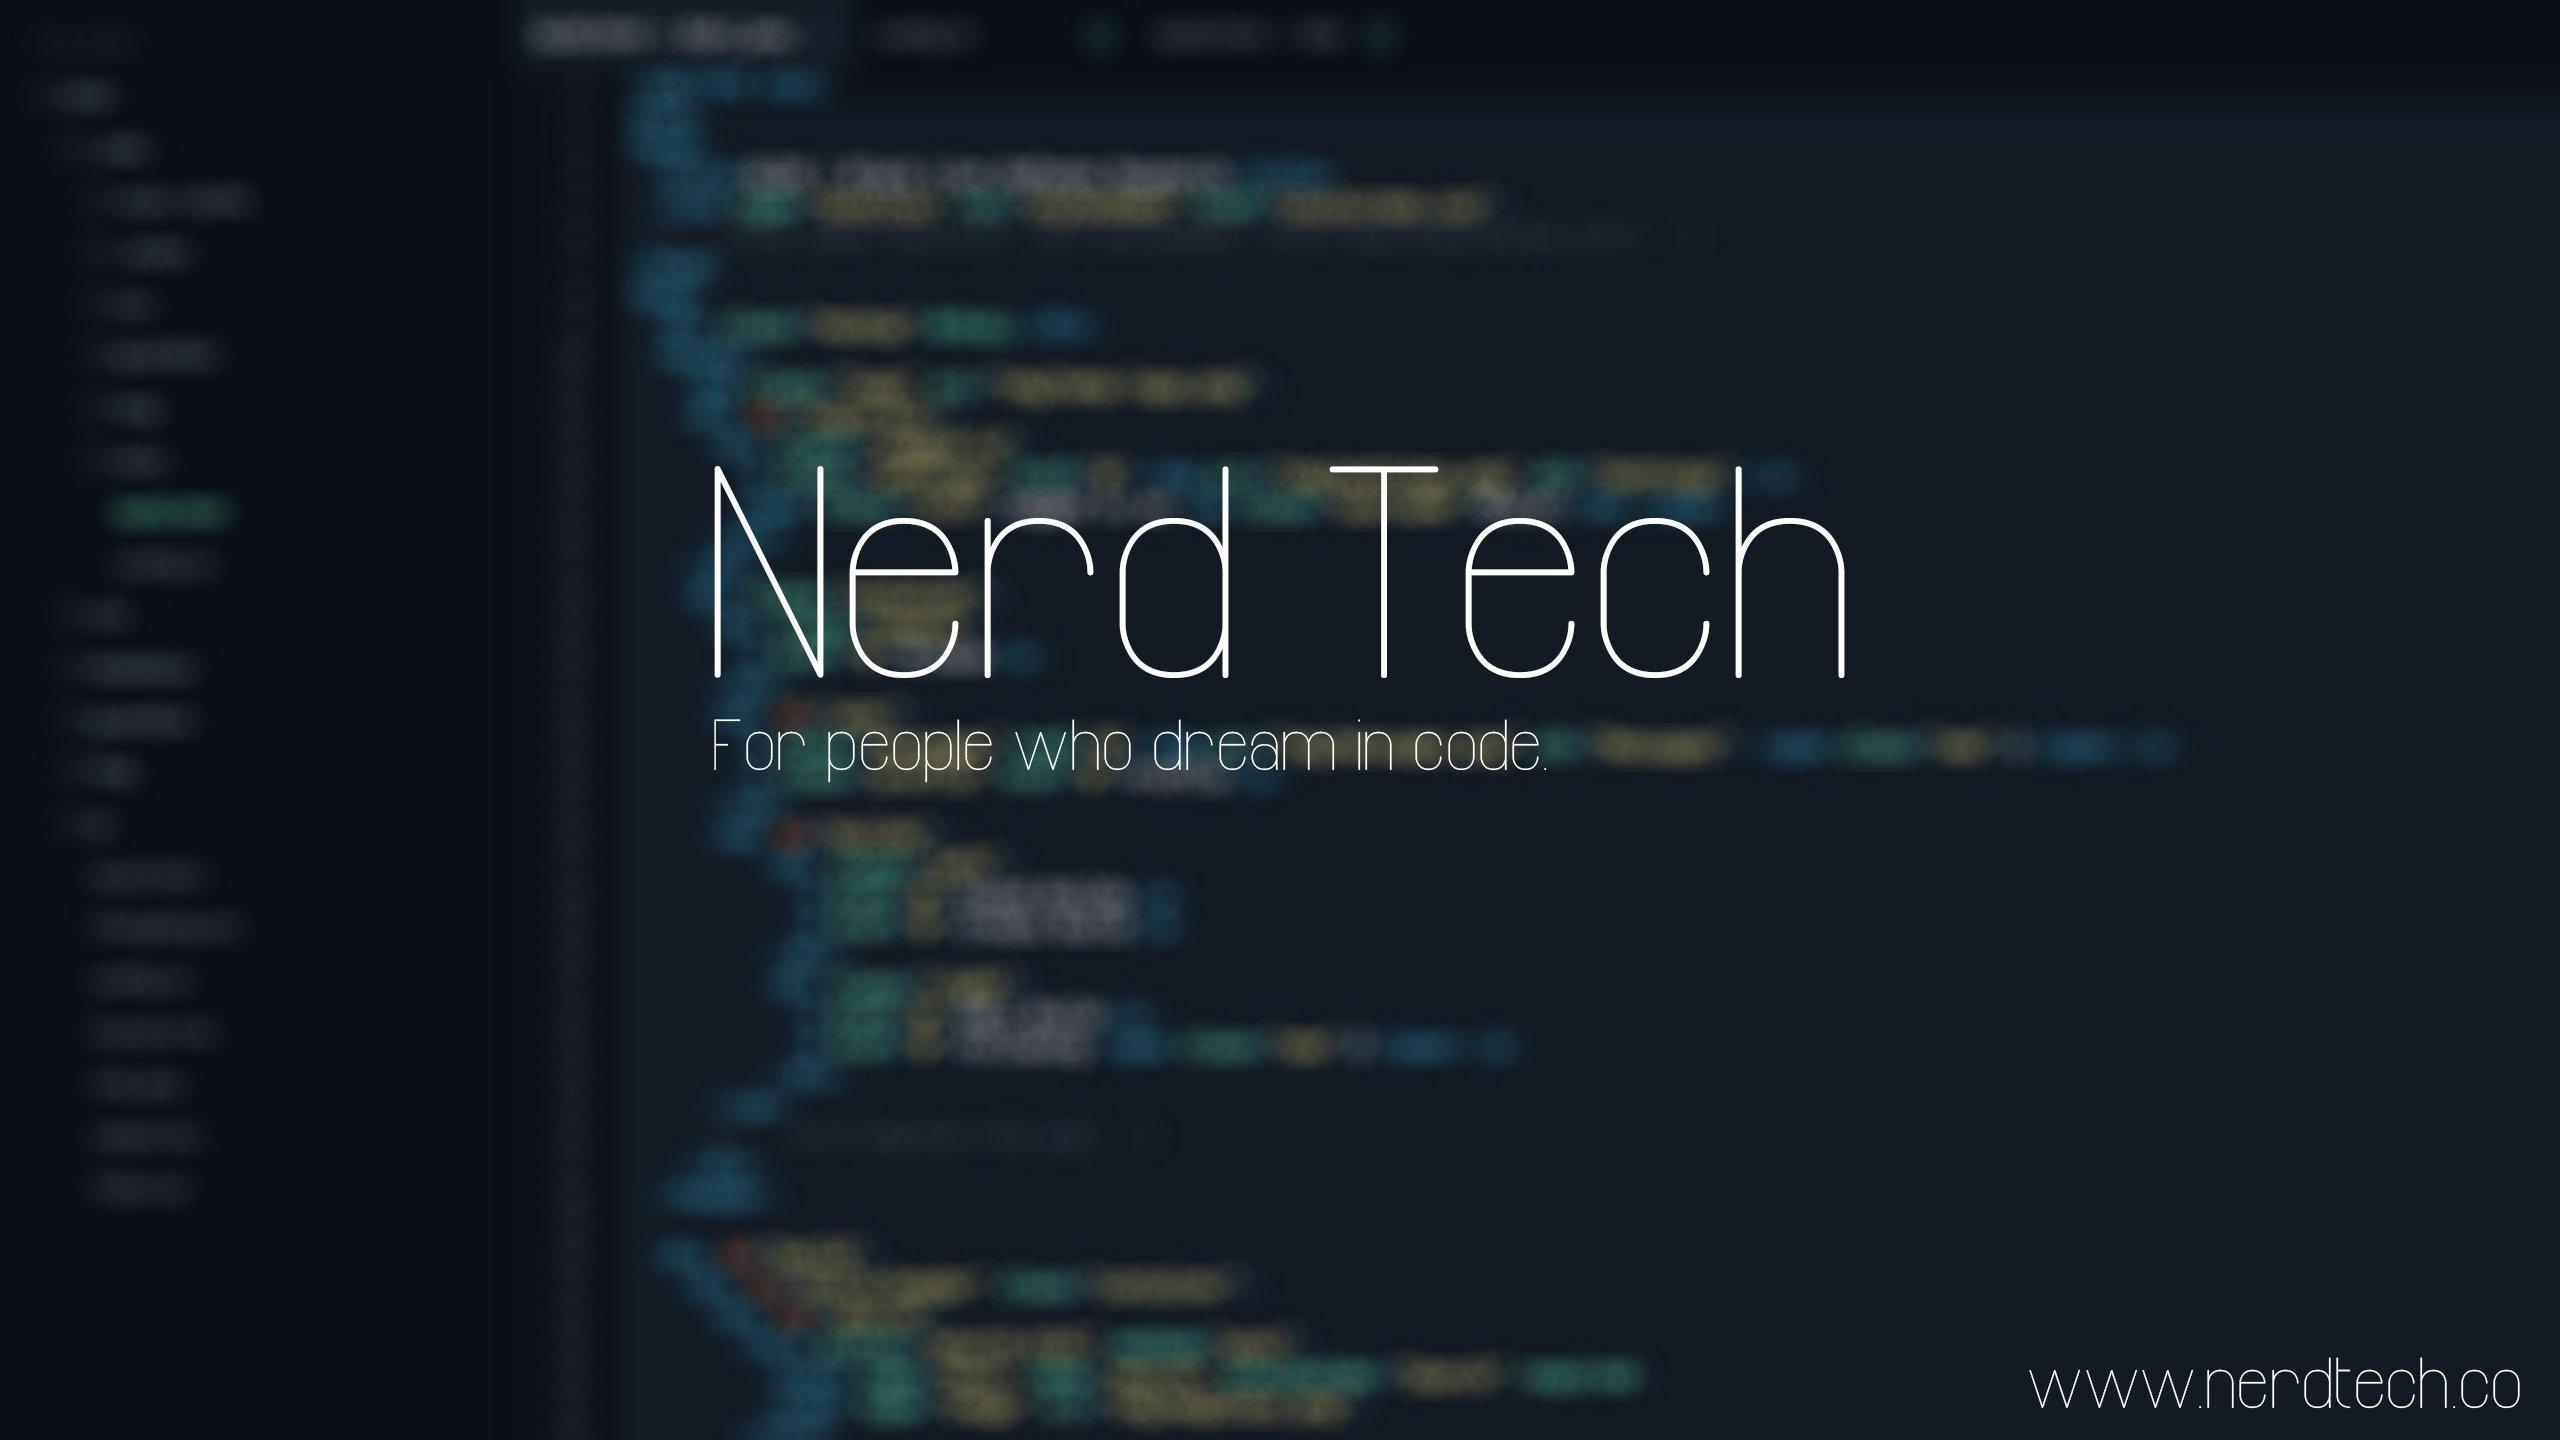 hacker code wallpaper images